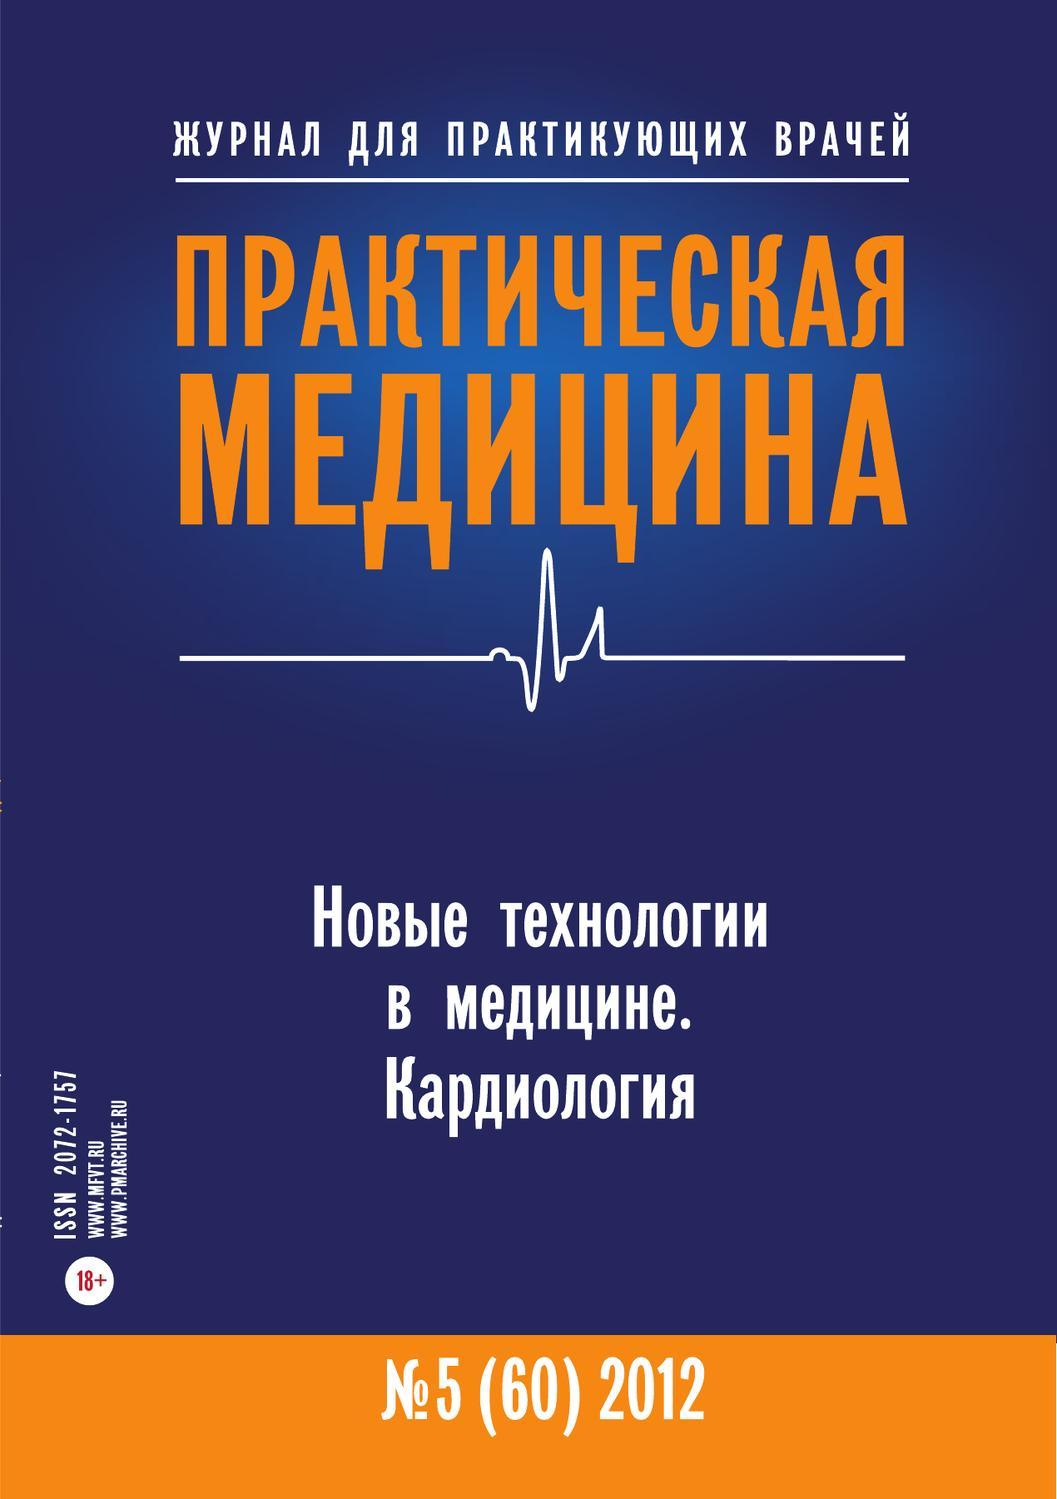 artril jel инструкция на русском